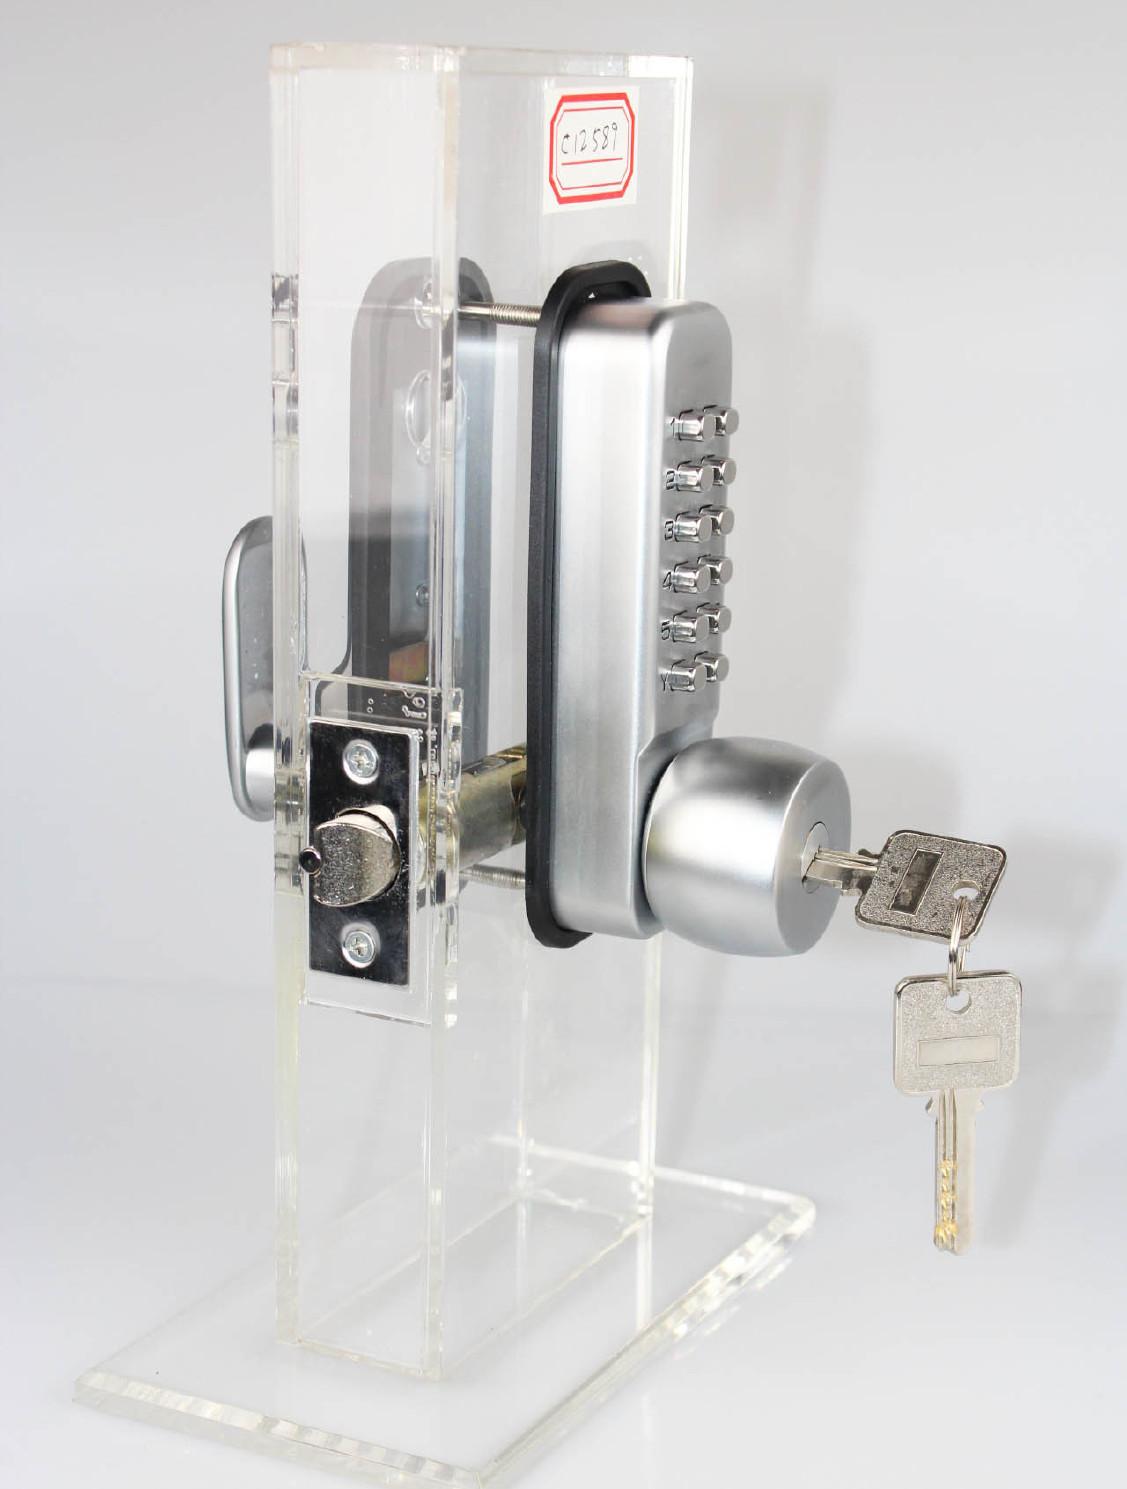 机械密码保险柜锁带钥匙两用第二代数字执手锁门用配件